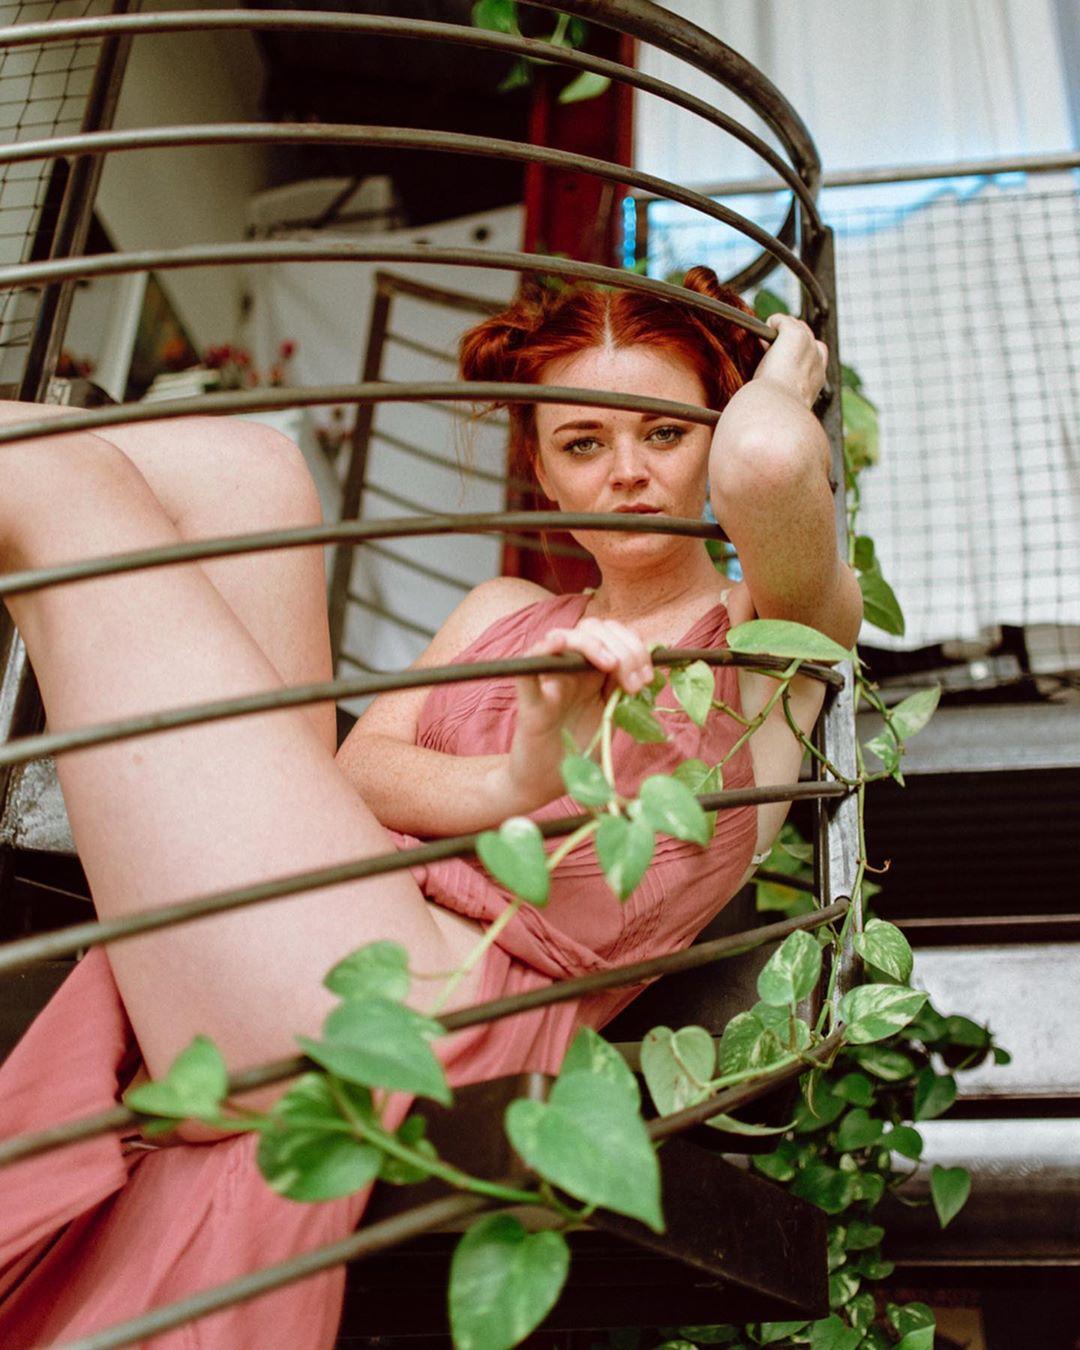 Чувственные снимки девушек от Майка Ледди